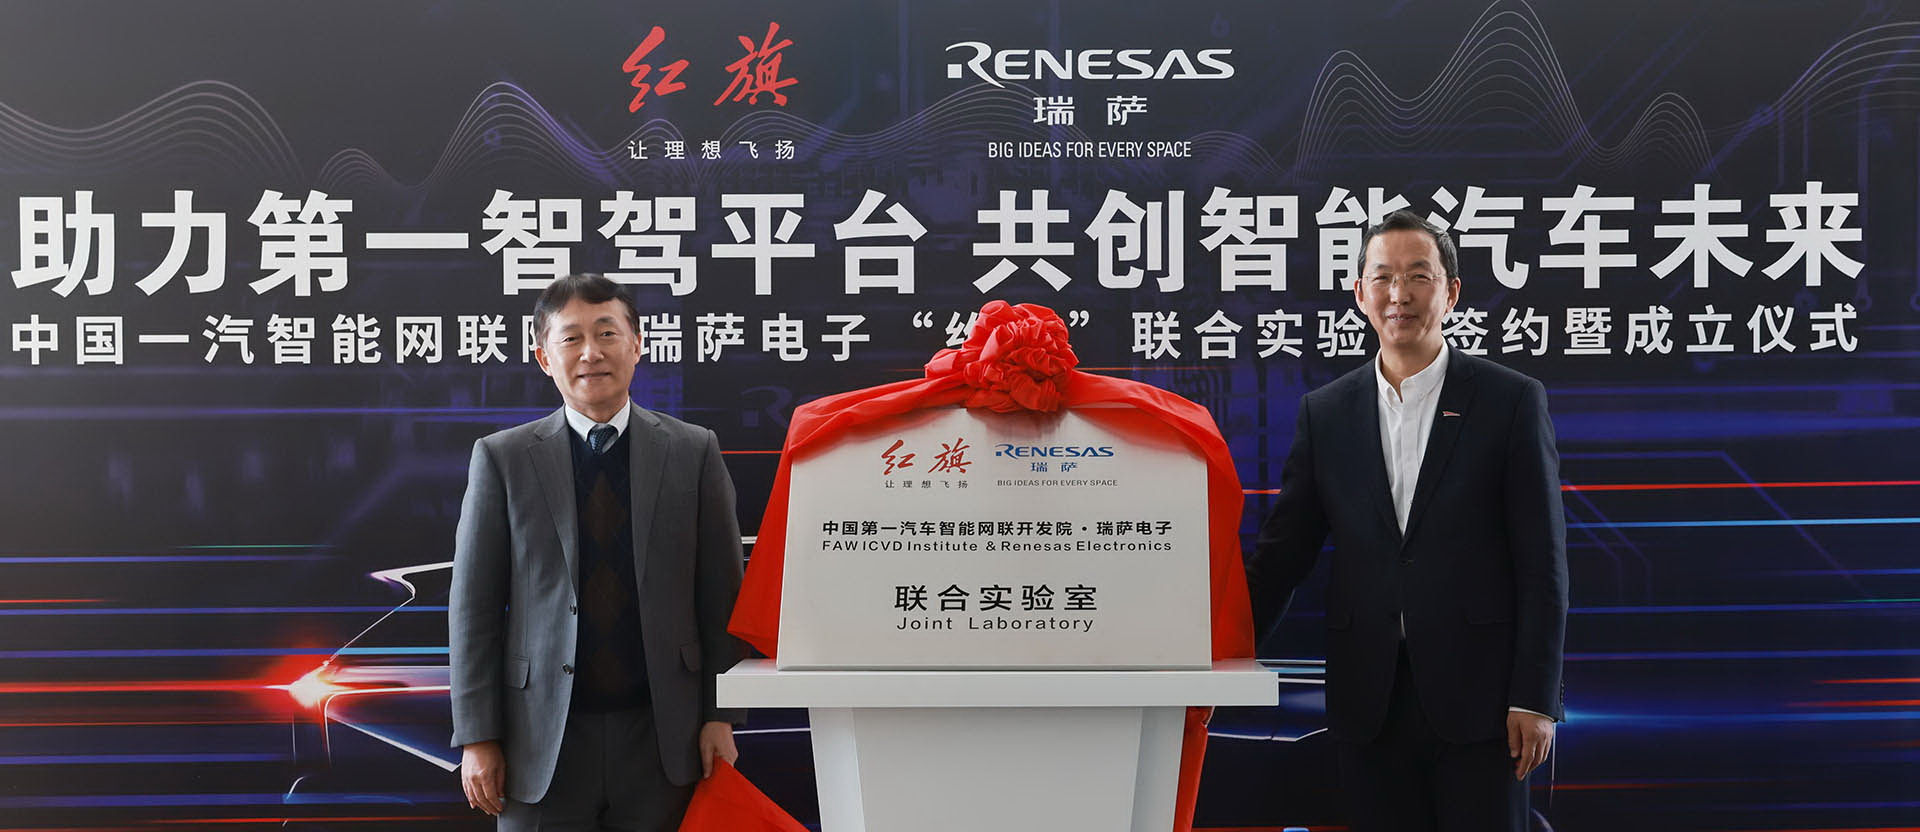 瑞萨电子与中国一汽成立联合实验室加速面向中国市场的下一代智能汽车的设计开发